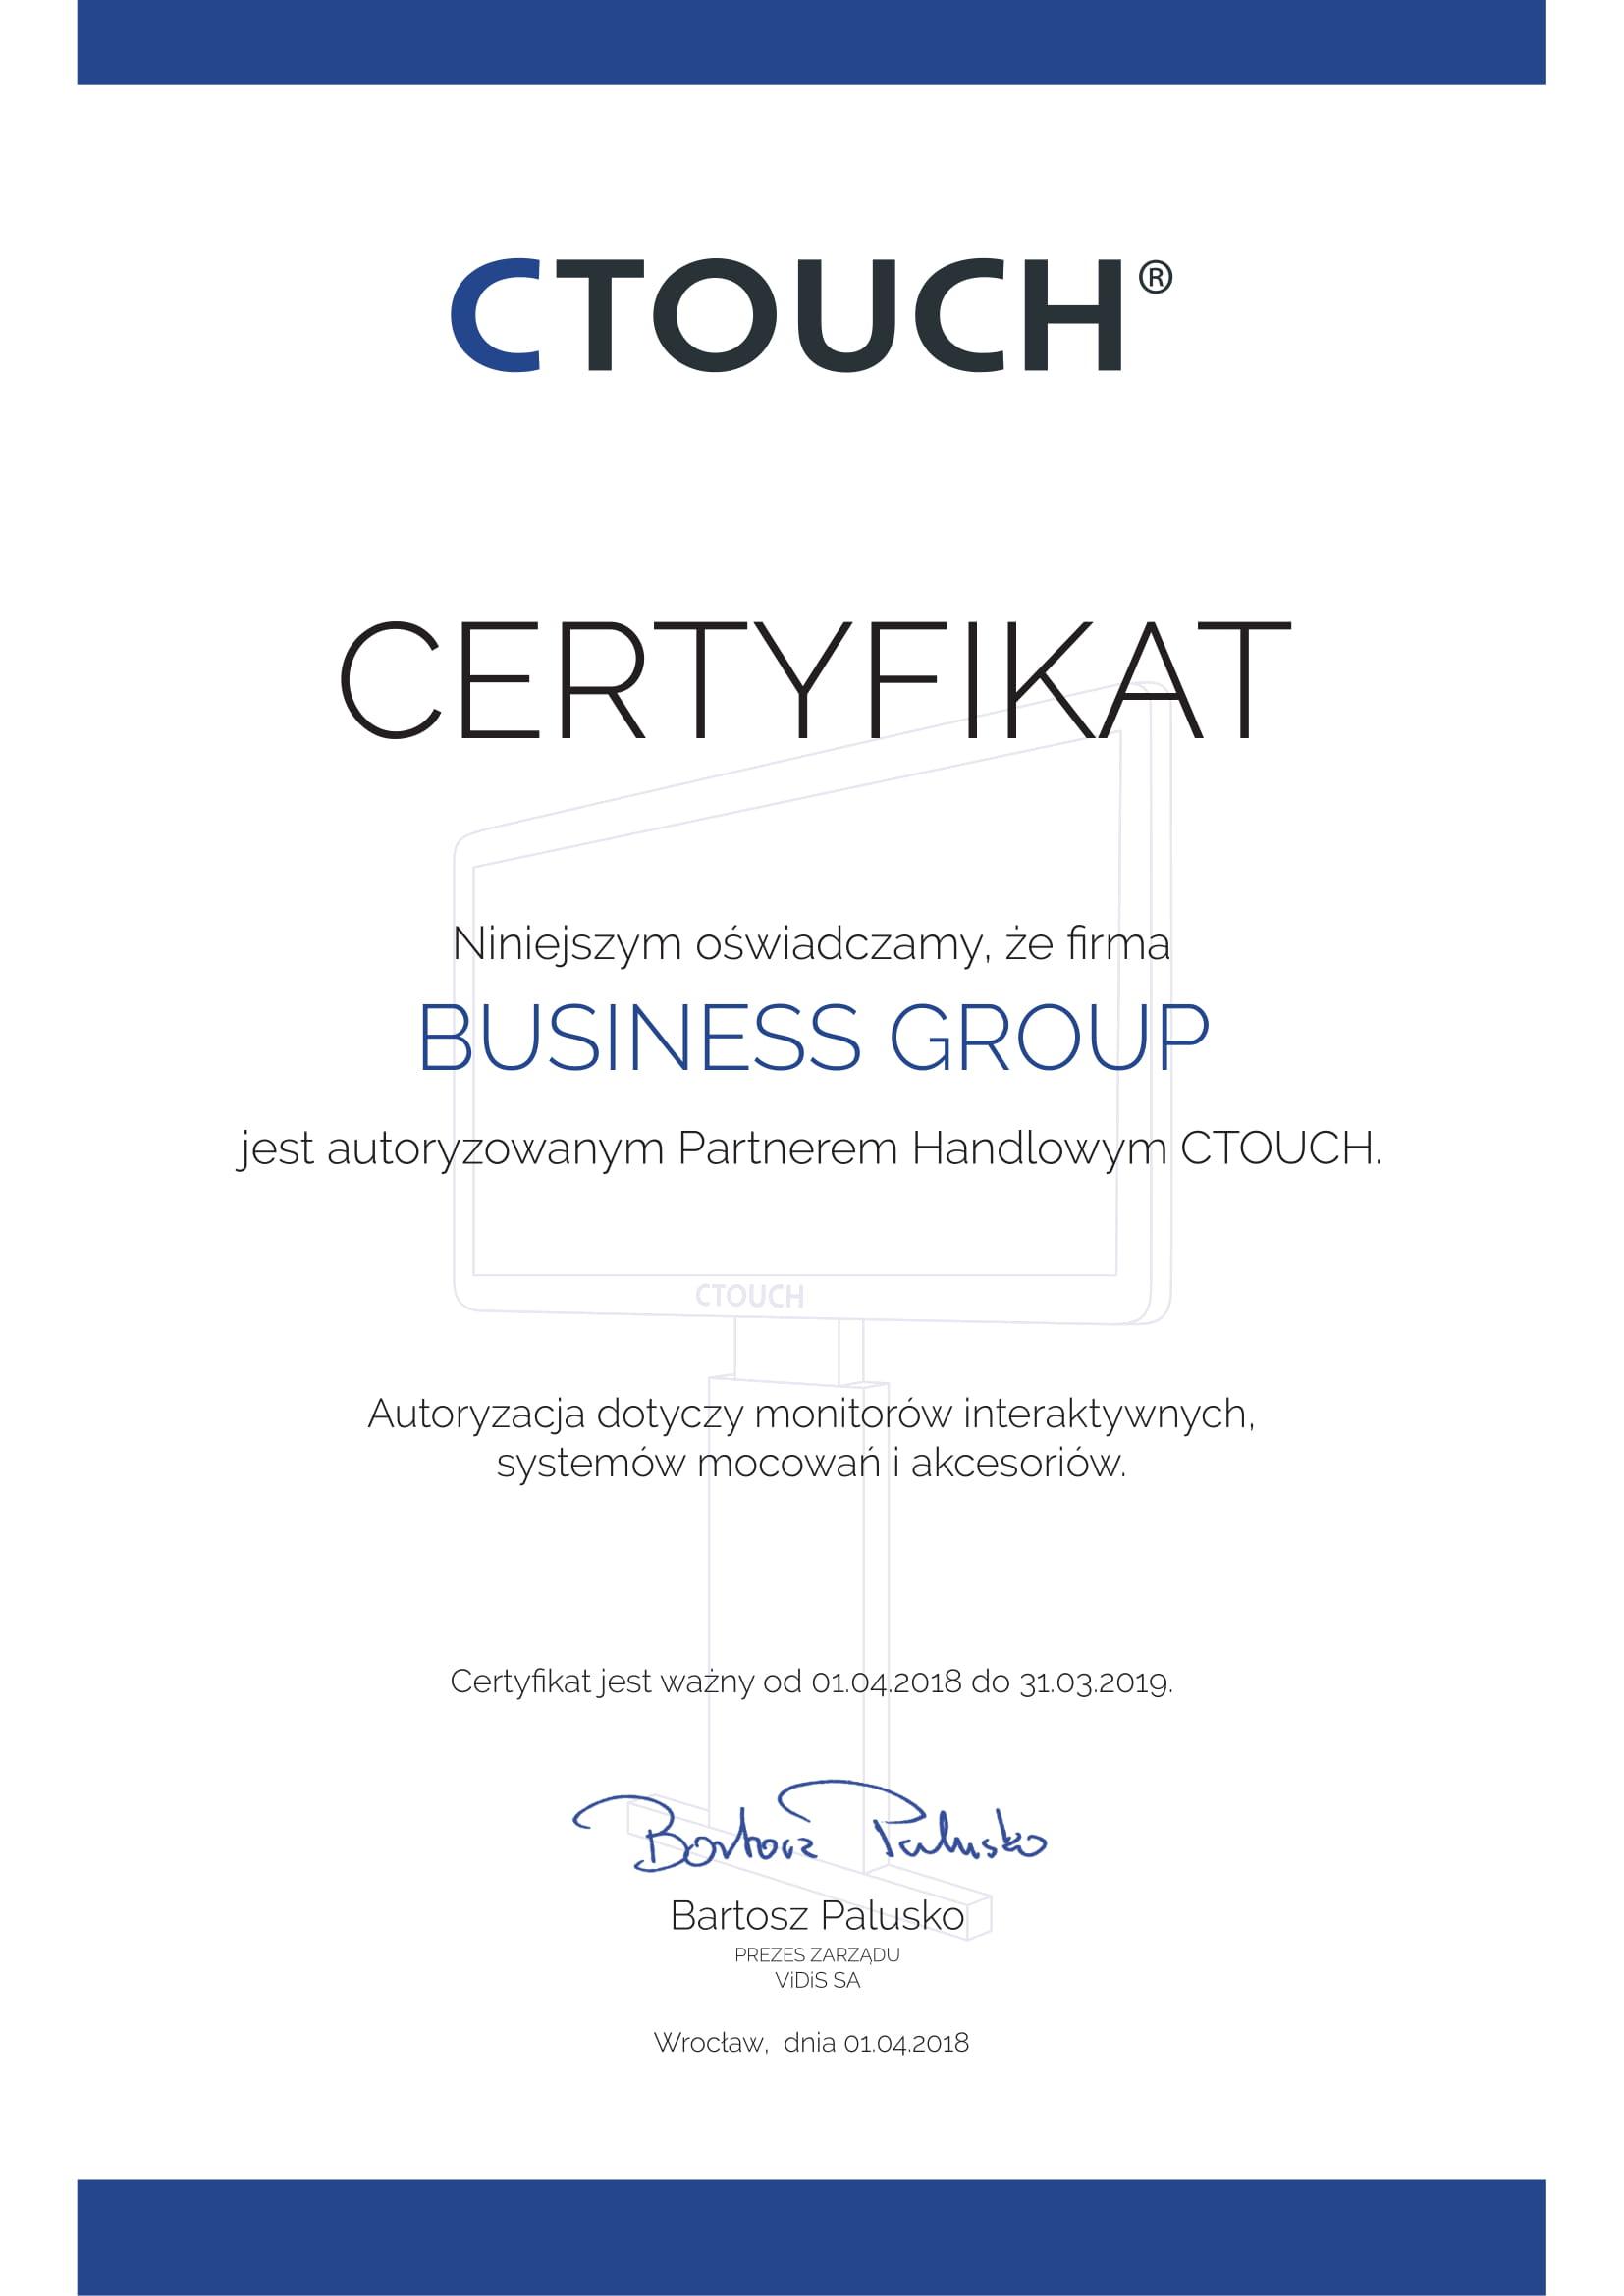 Certyfikat Ctouch